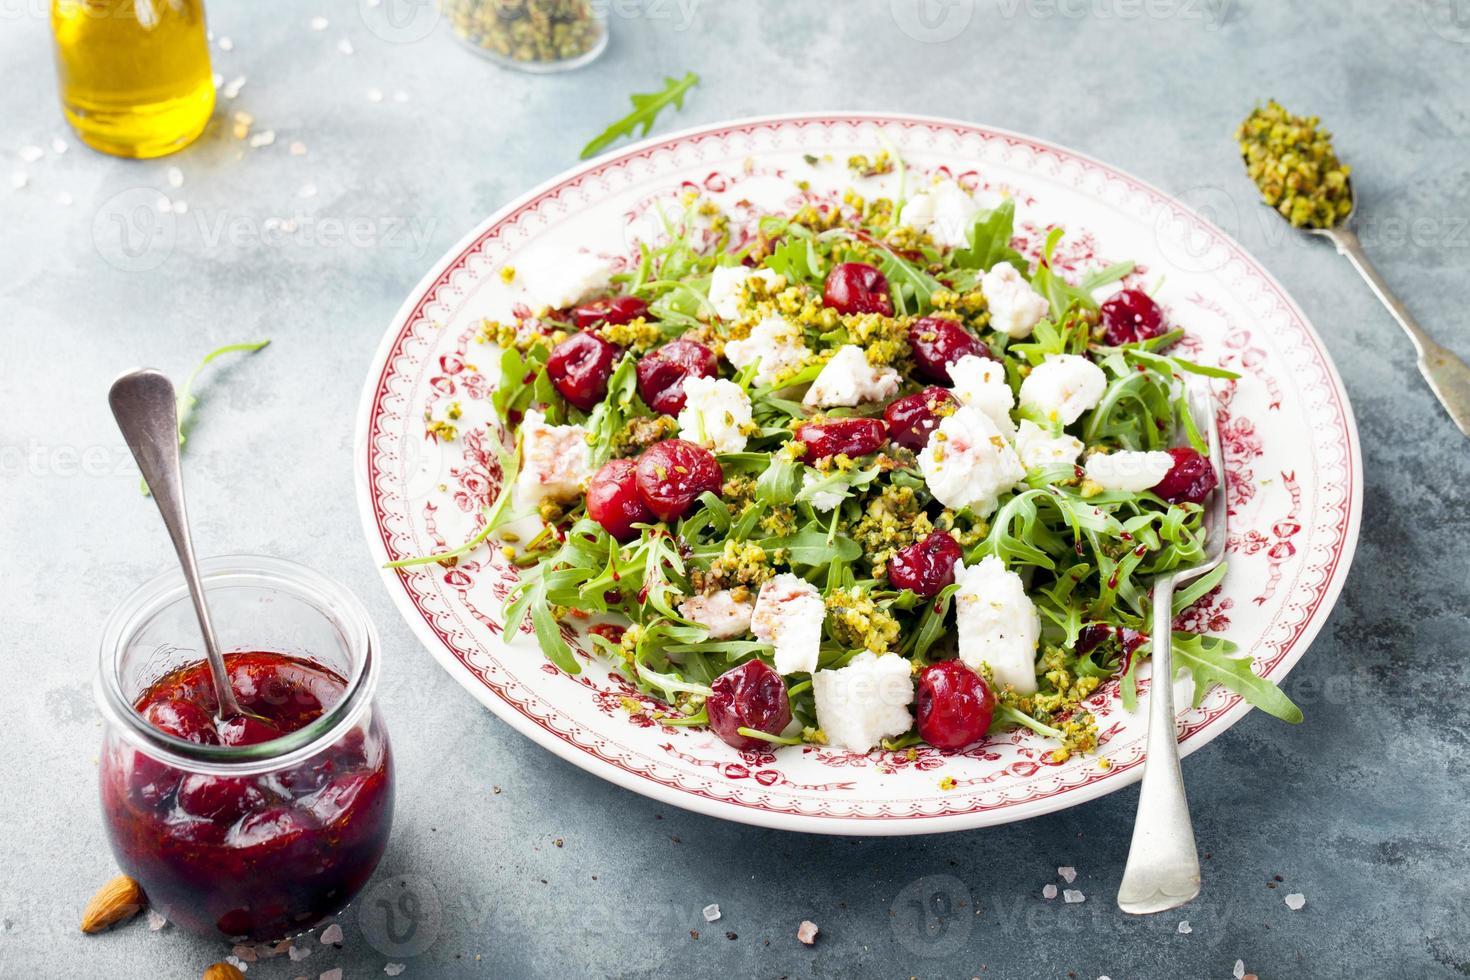 Salat mit Rucola, Kirschen und Ziegenkäse. foto